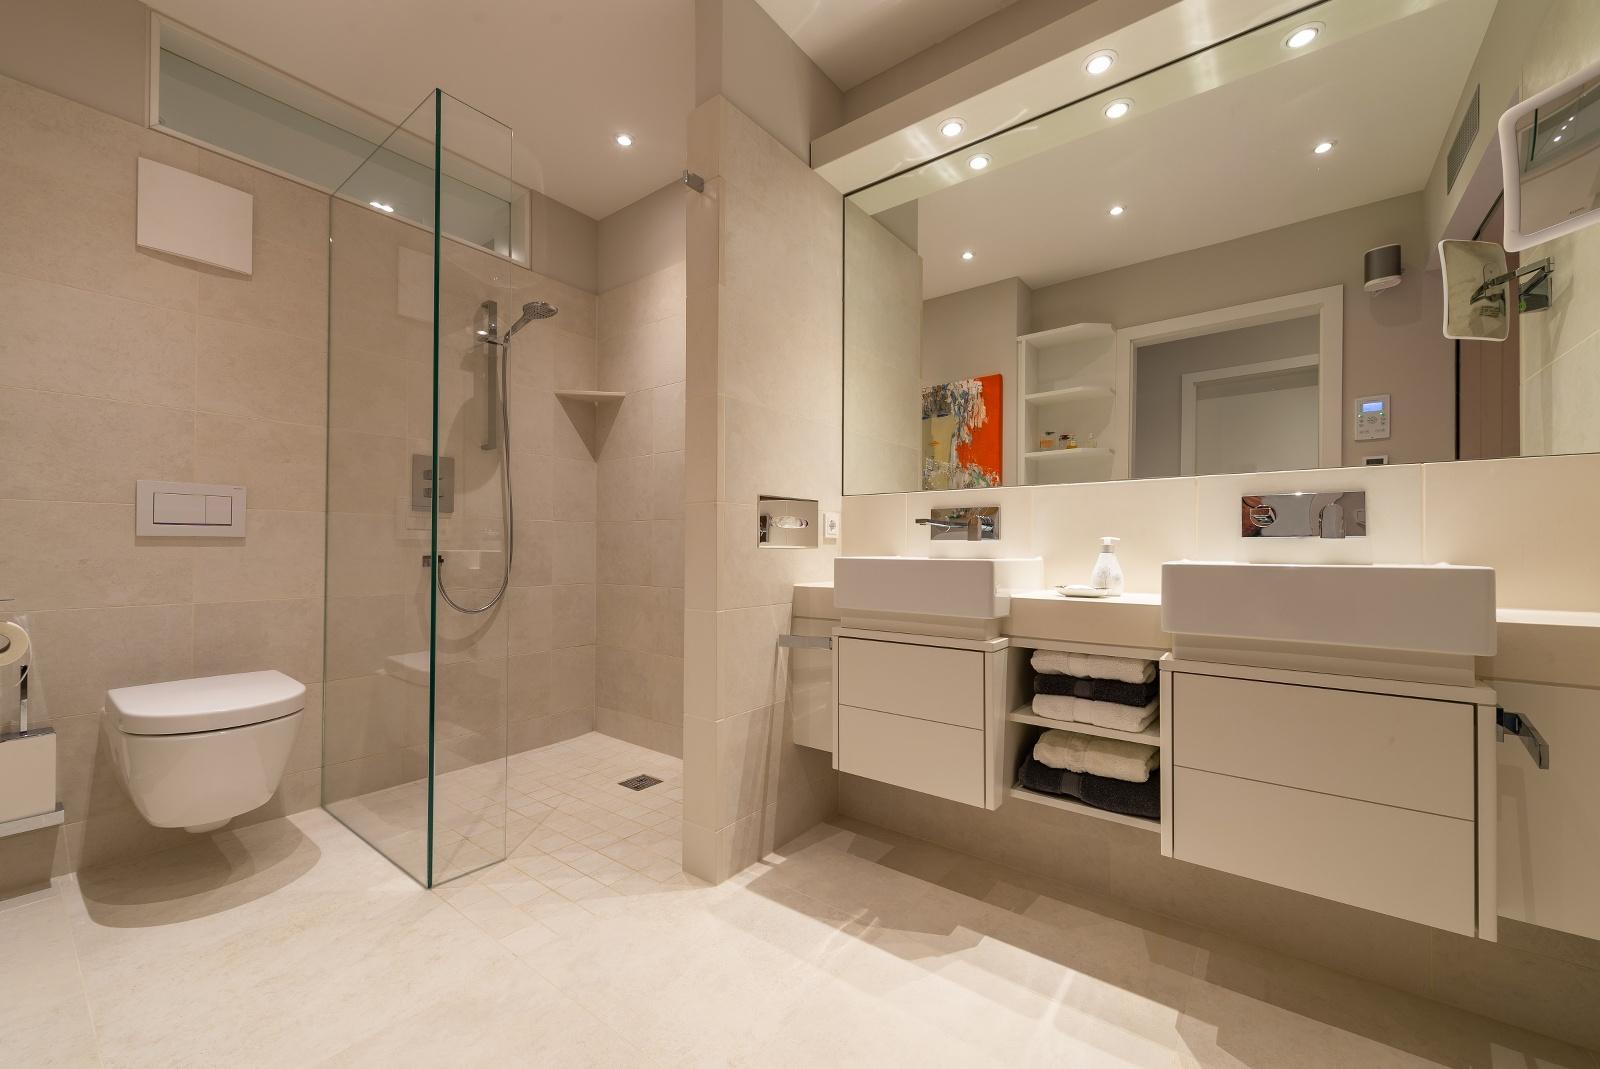 Wohnbad Koc Private Spa Anlage Mit Sauna U Dusche Zuhause